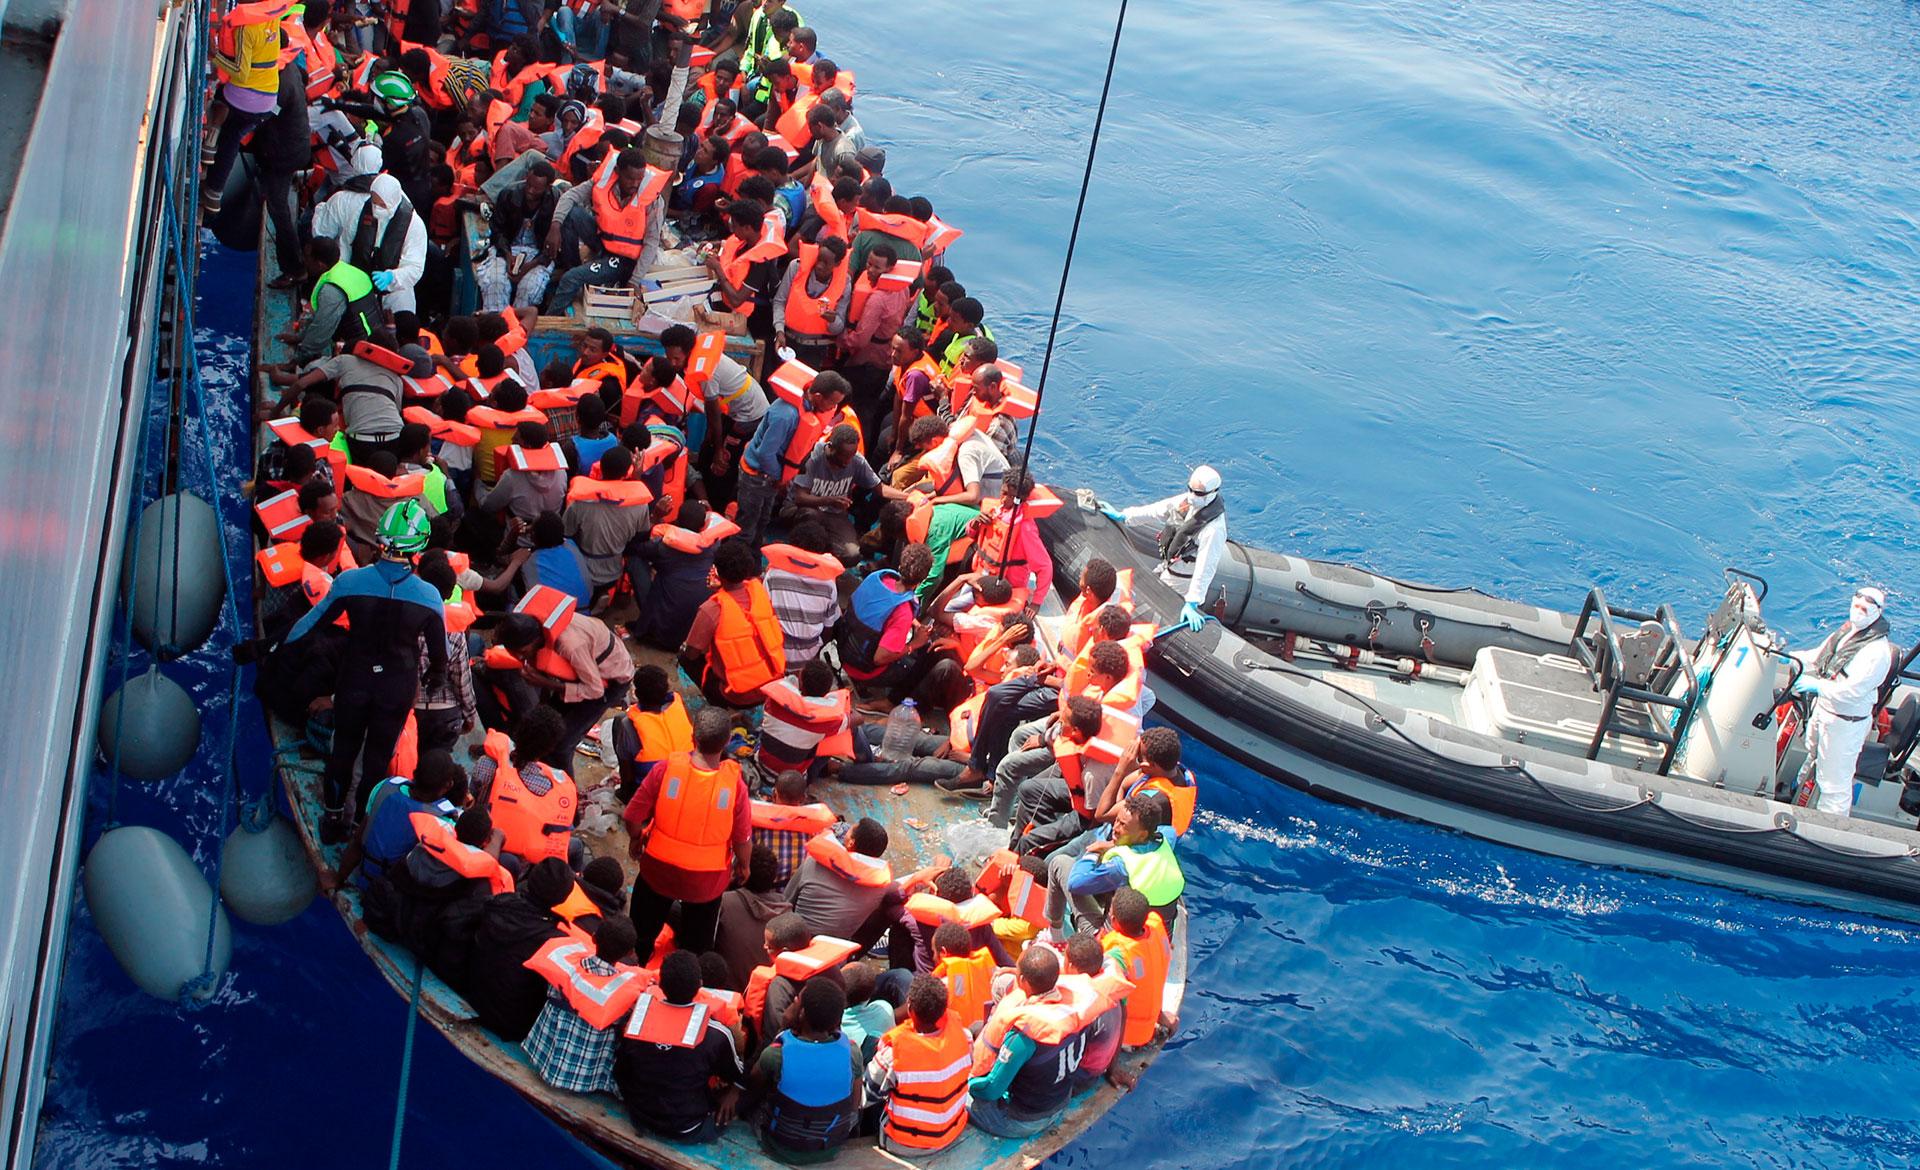 immigrés sur un bateau en Méditerranée